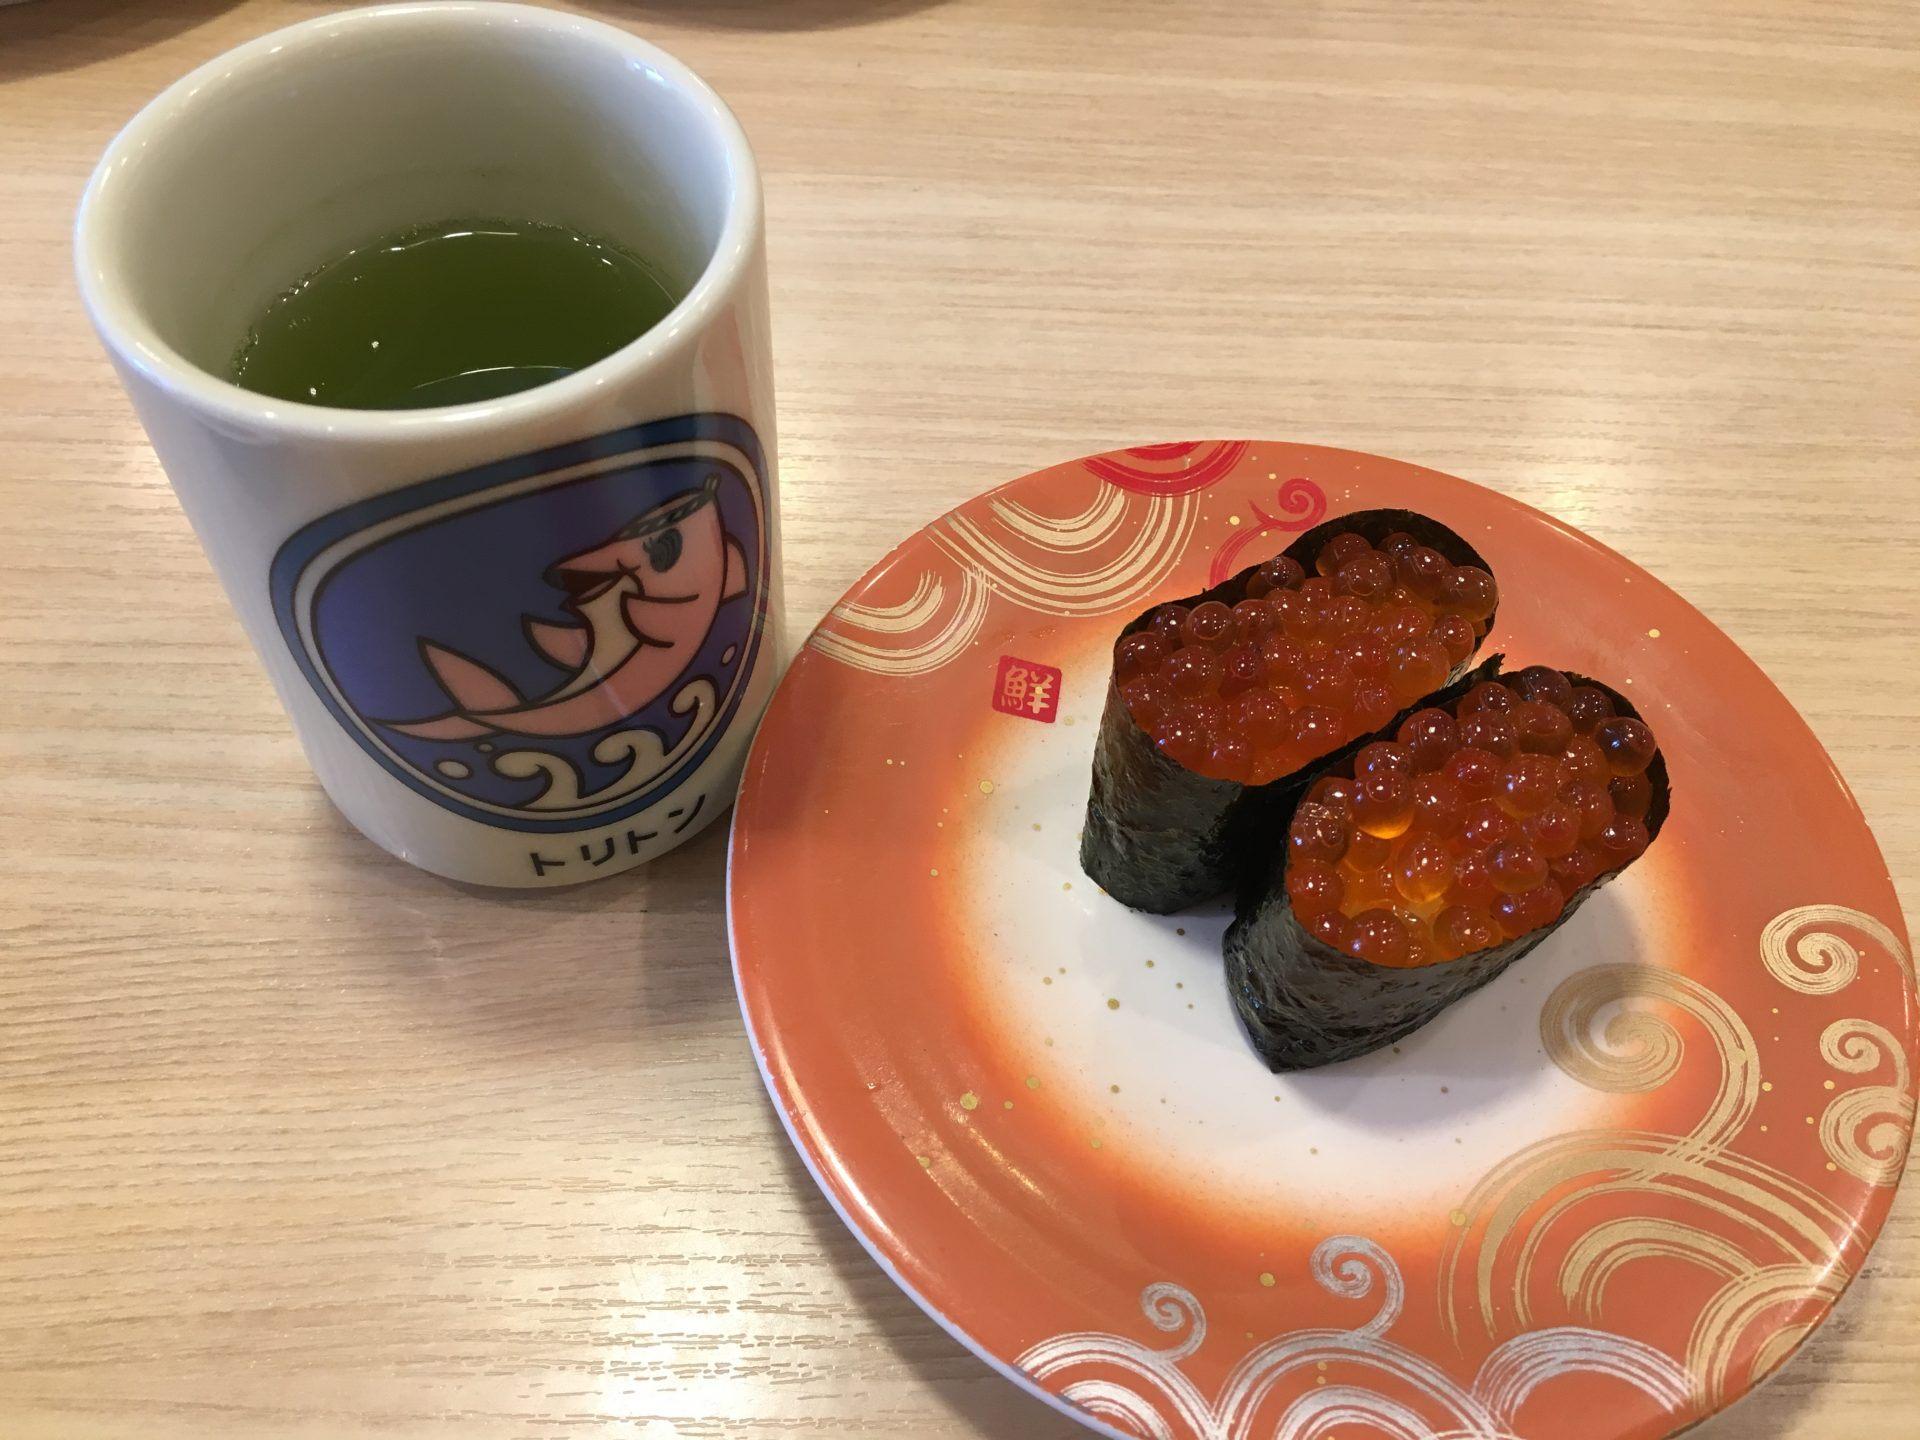 鮭魚卵軍艦(230日圓)